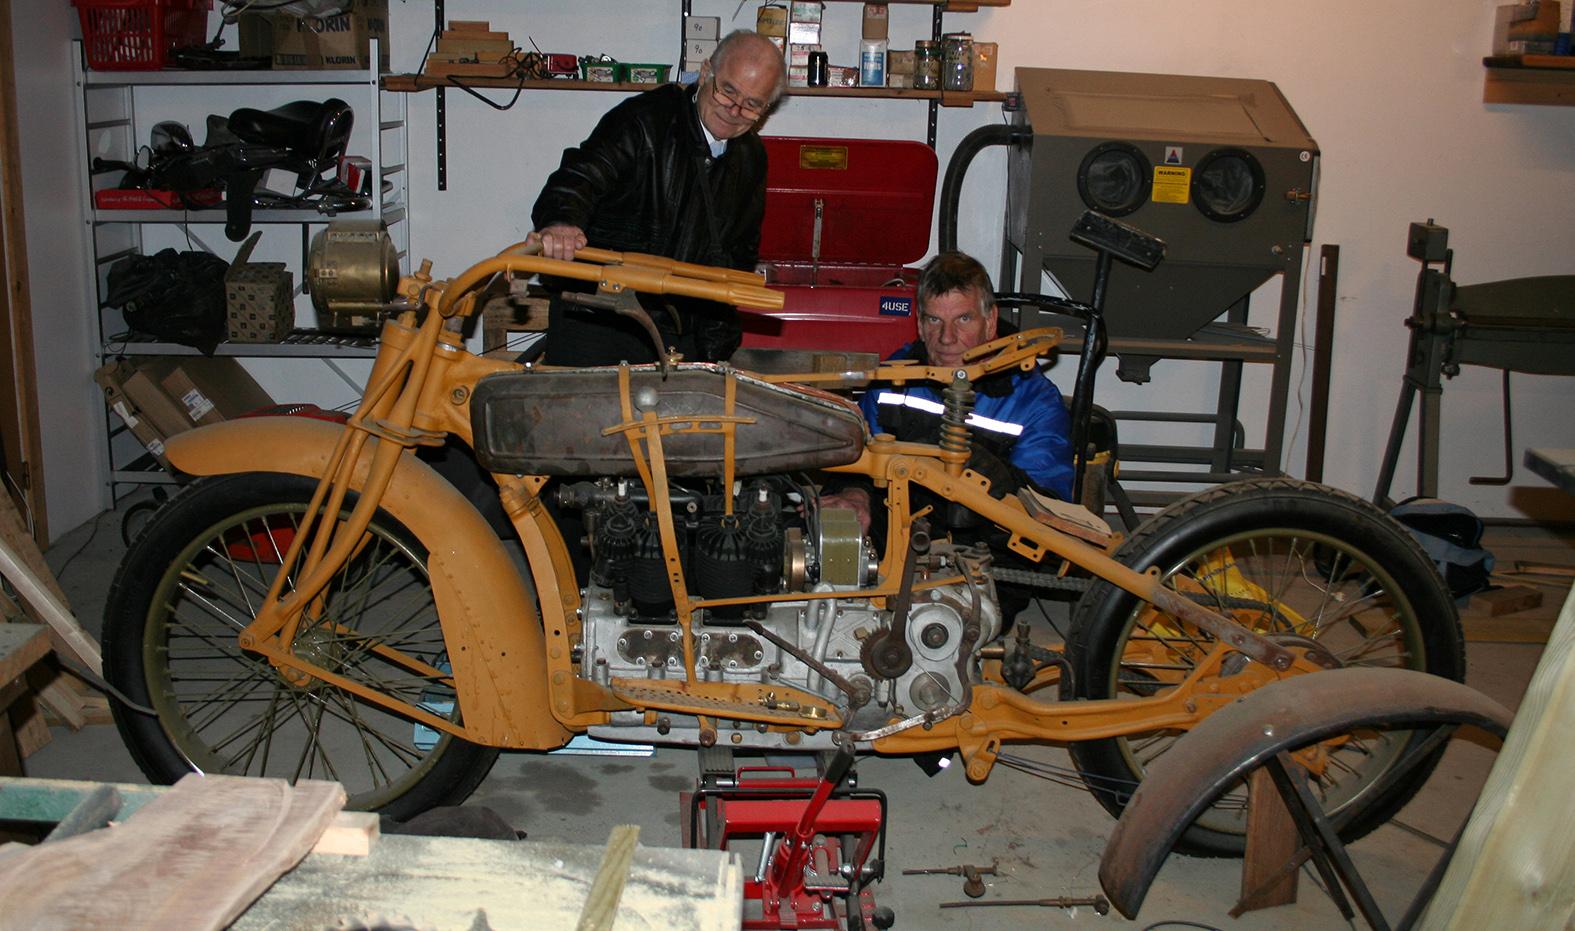 To fornøyde karer og en kjempemotorsykkel 181216